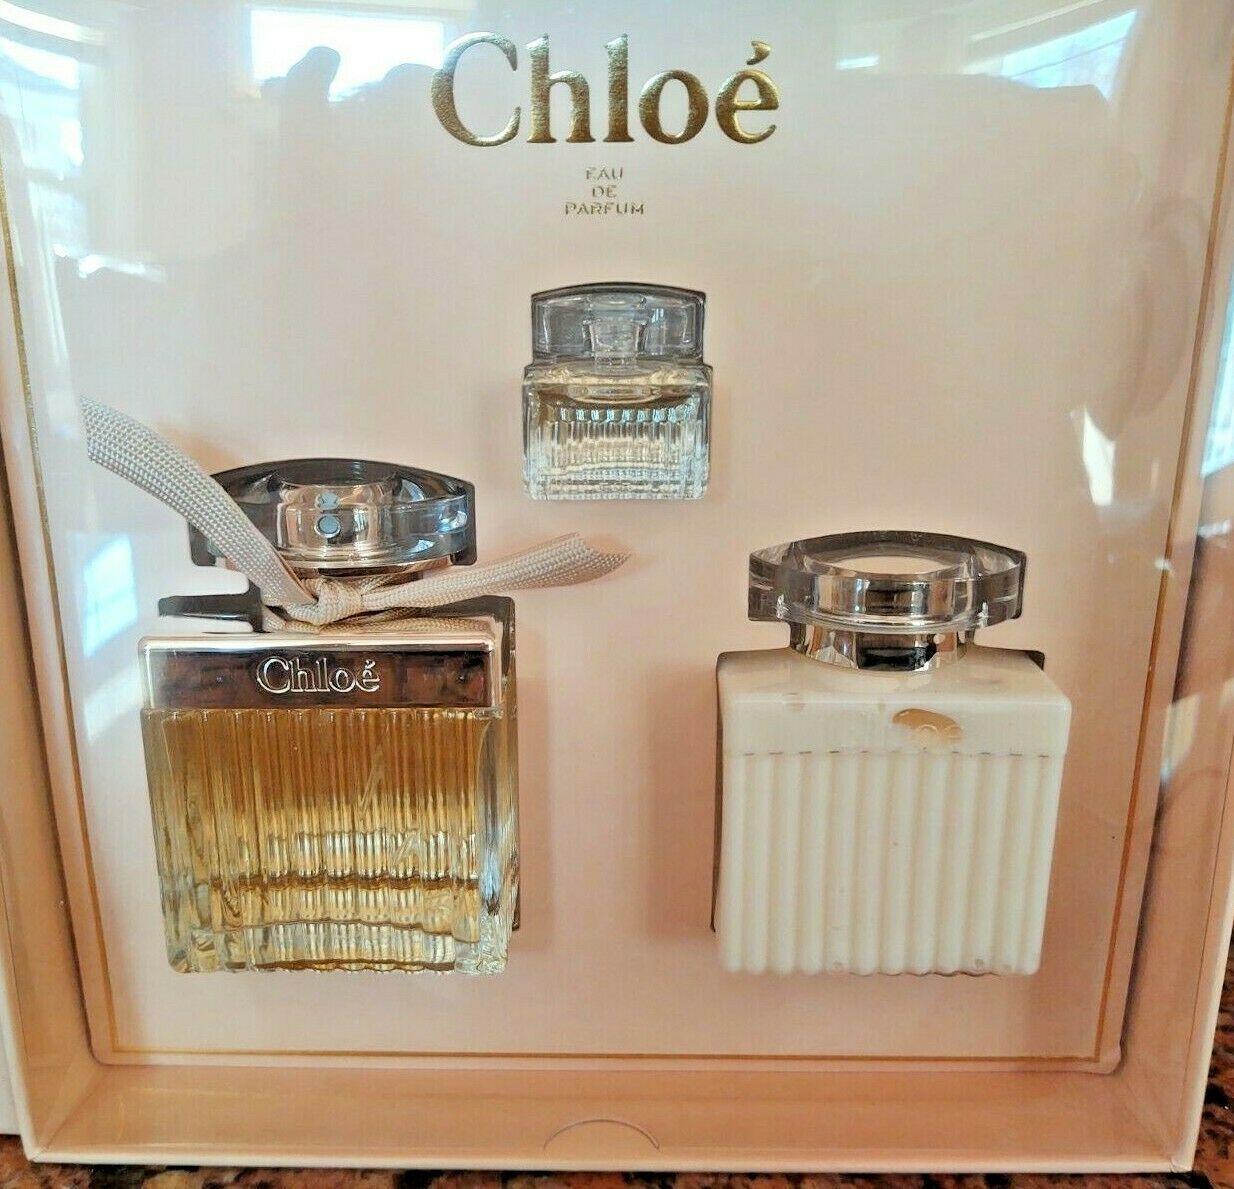 Aaaaaaaaachloe by chloe perfume set